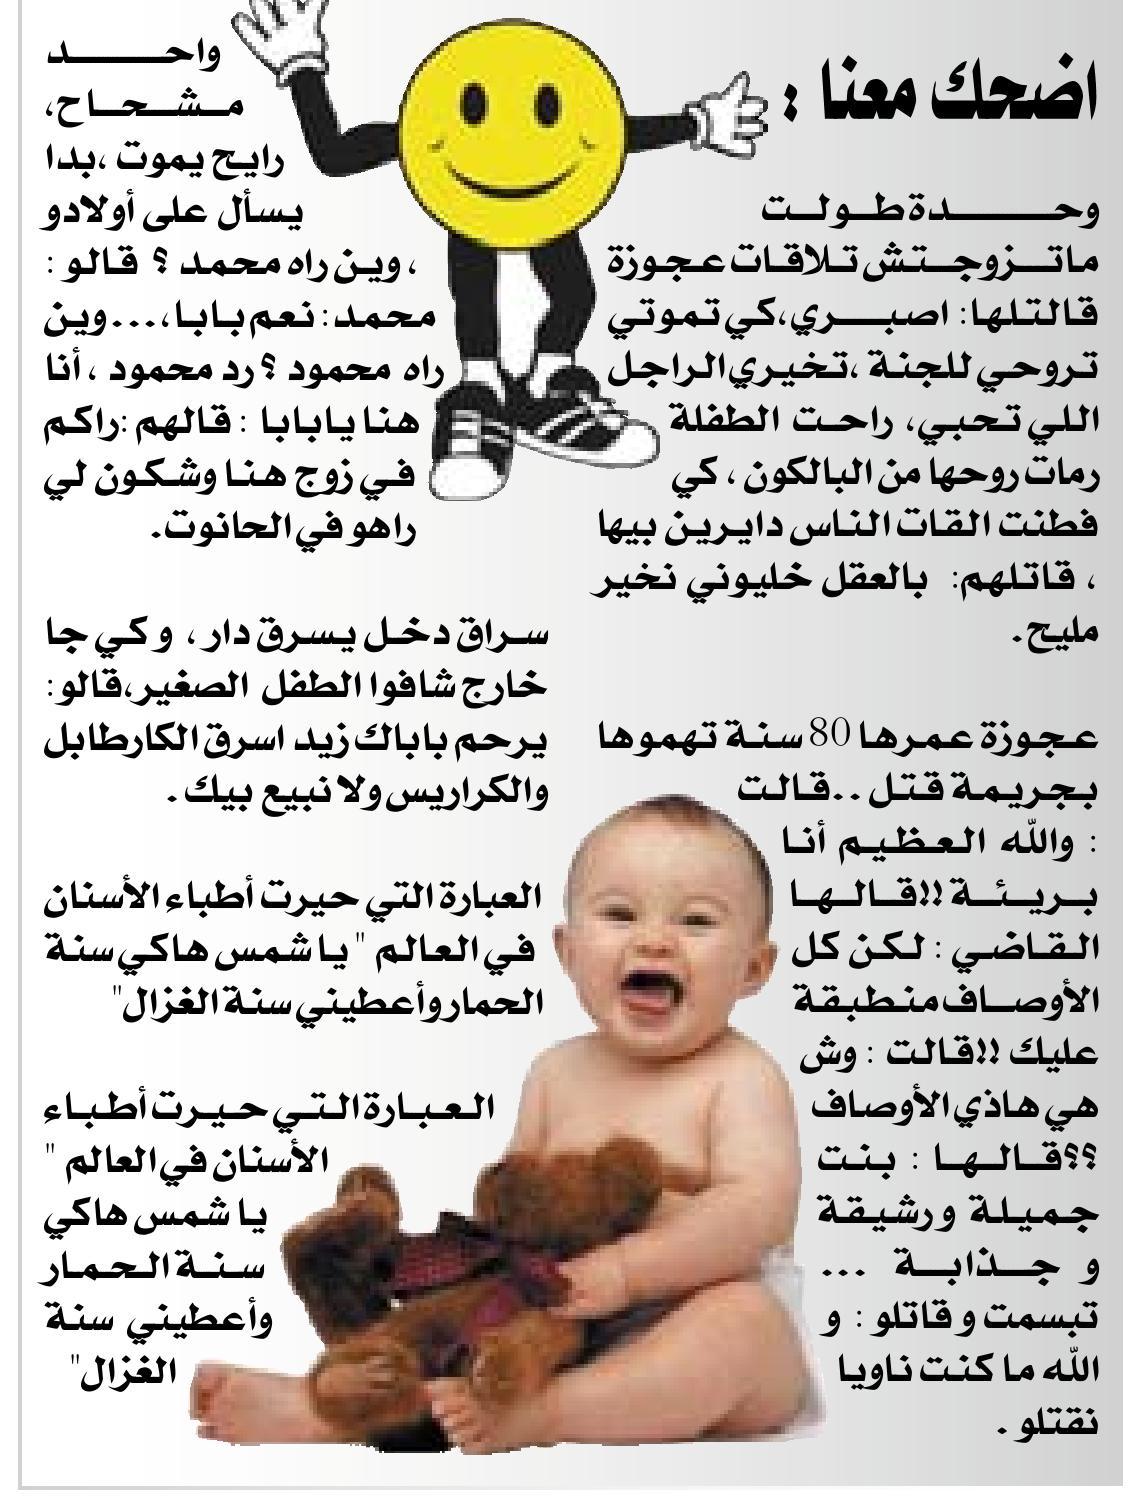 بالصور صور جزائرية مضحكة , اضحك مع اجمل نكت جزائرية 977 5